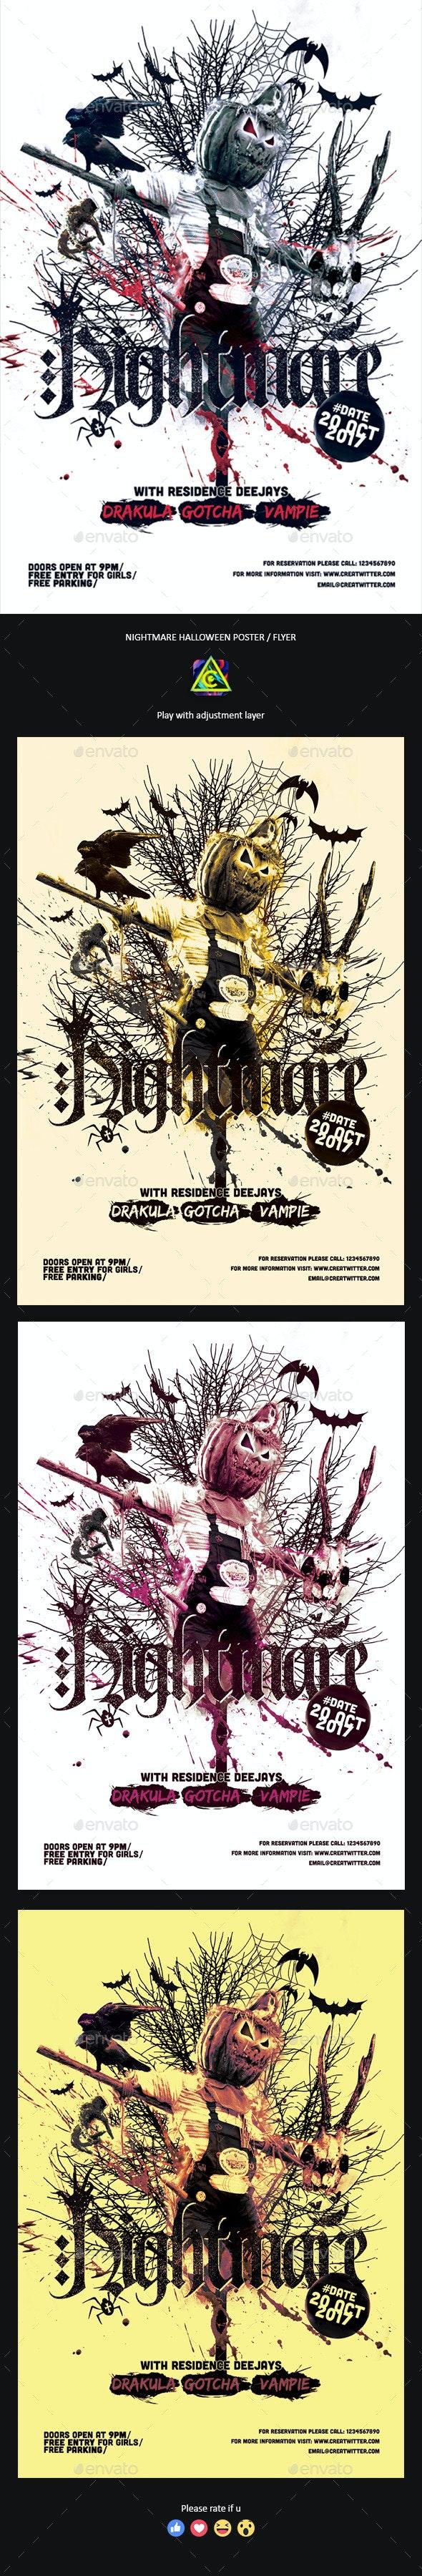 Nightmare Halloween Poster / Flyer - Clubs & Parties Events